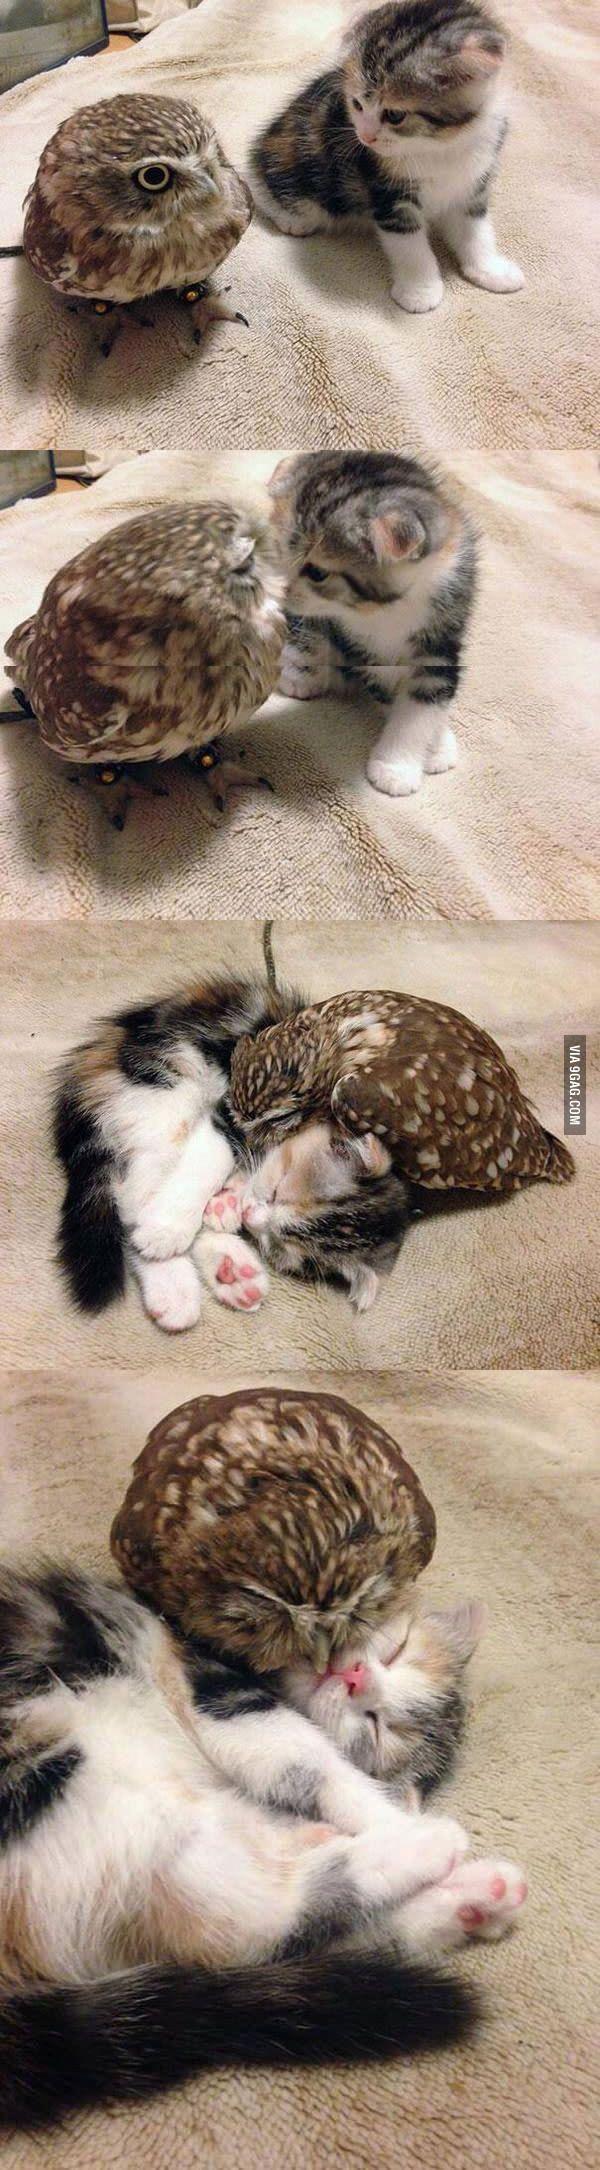 Ungewöhnliche Tierfreundschaften - Katze und Eule